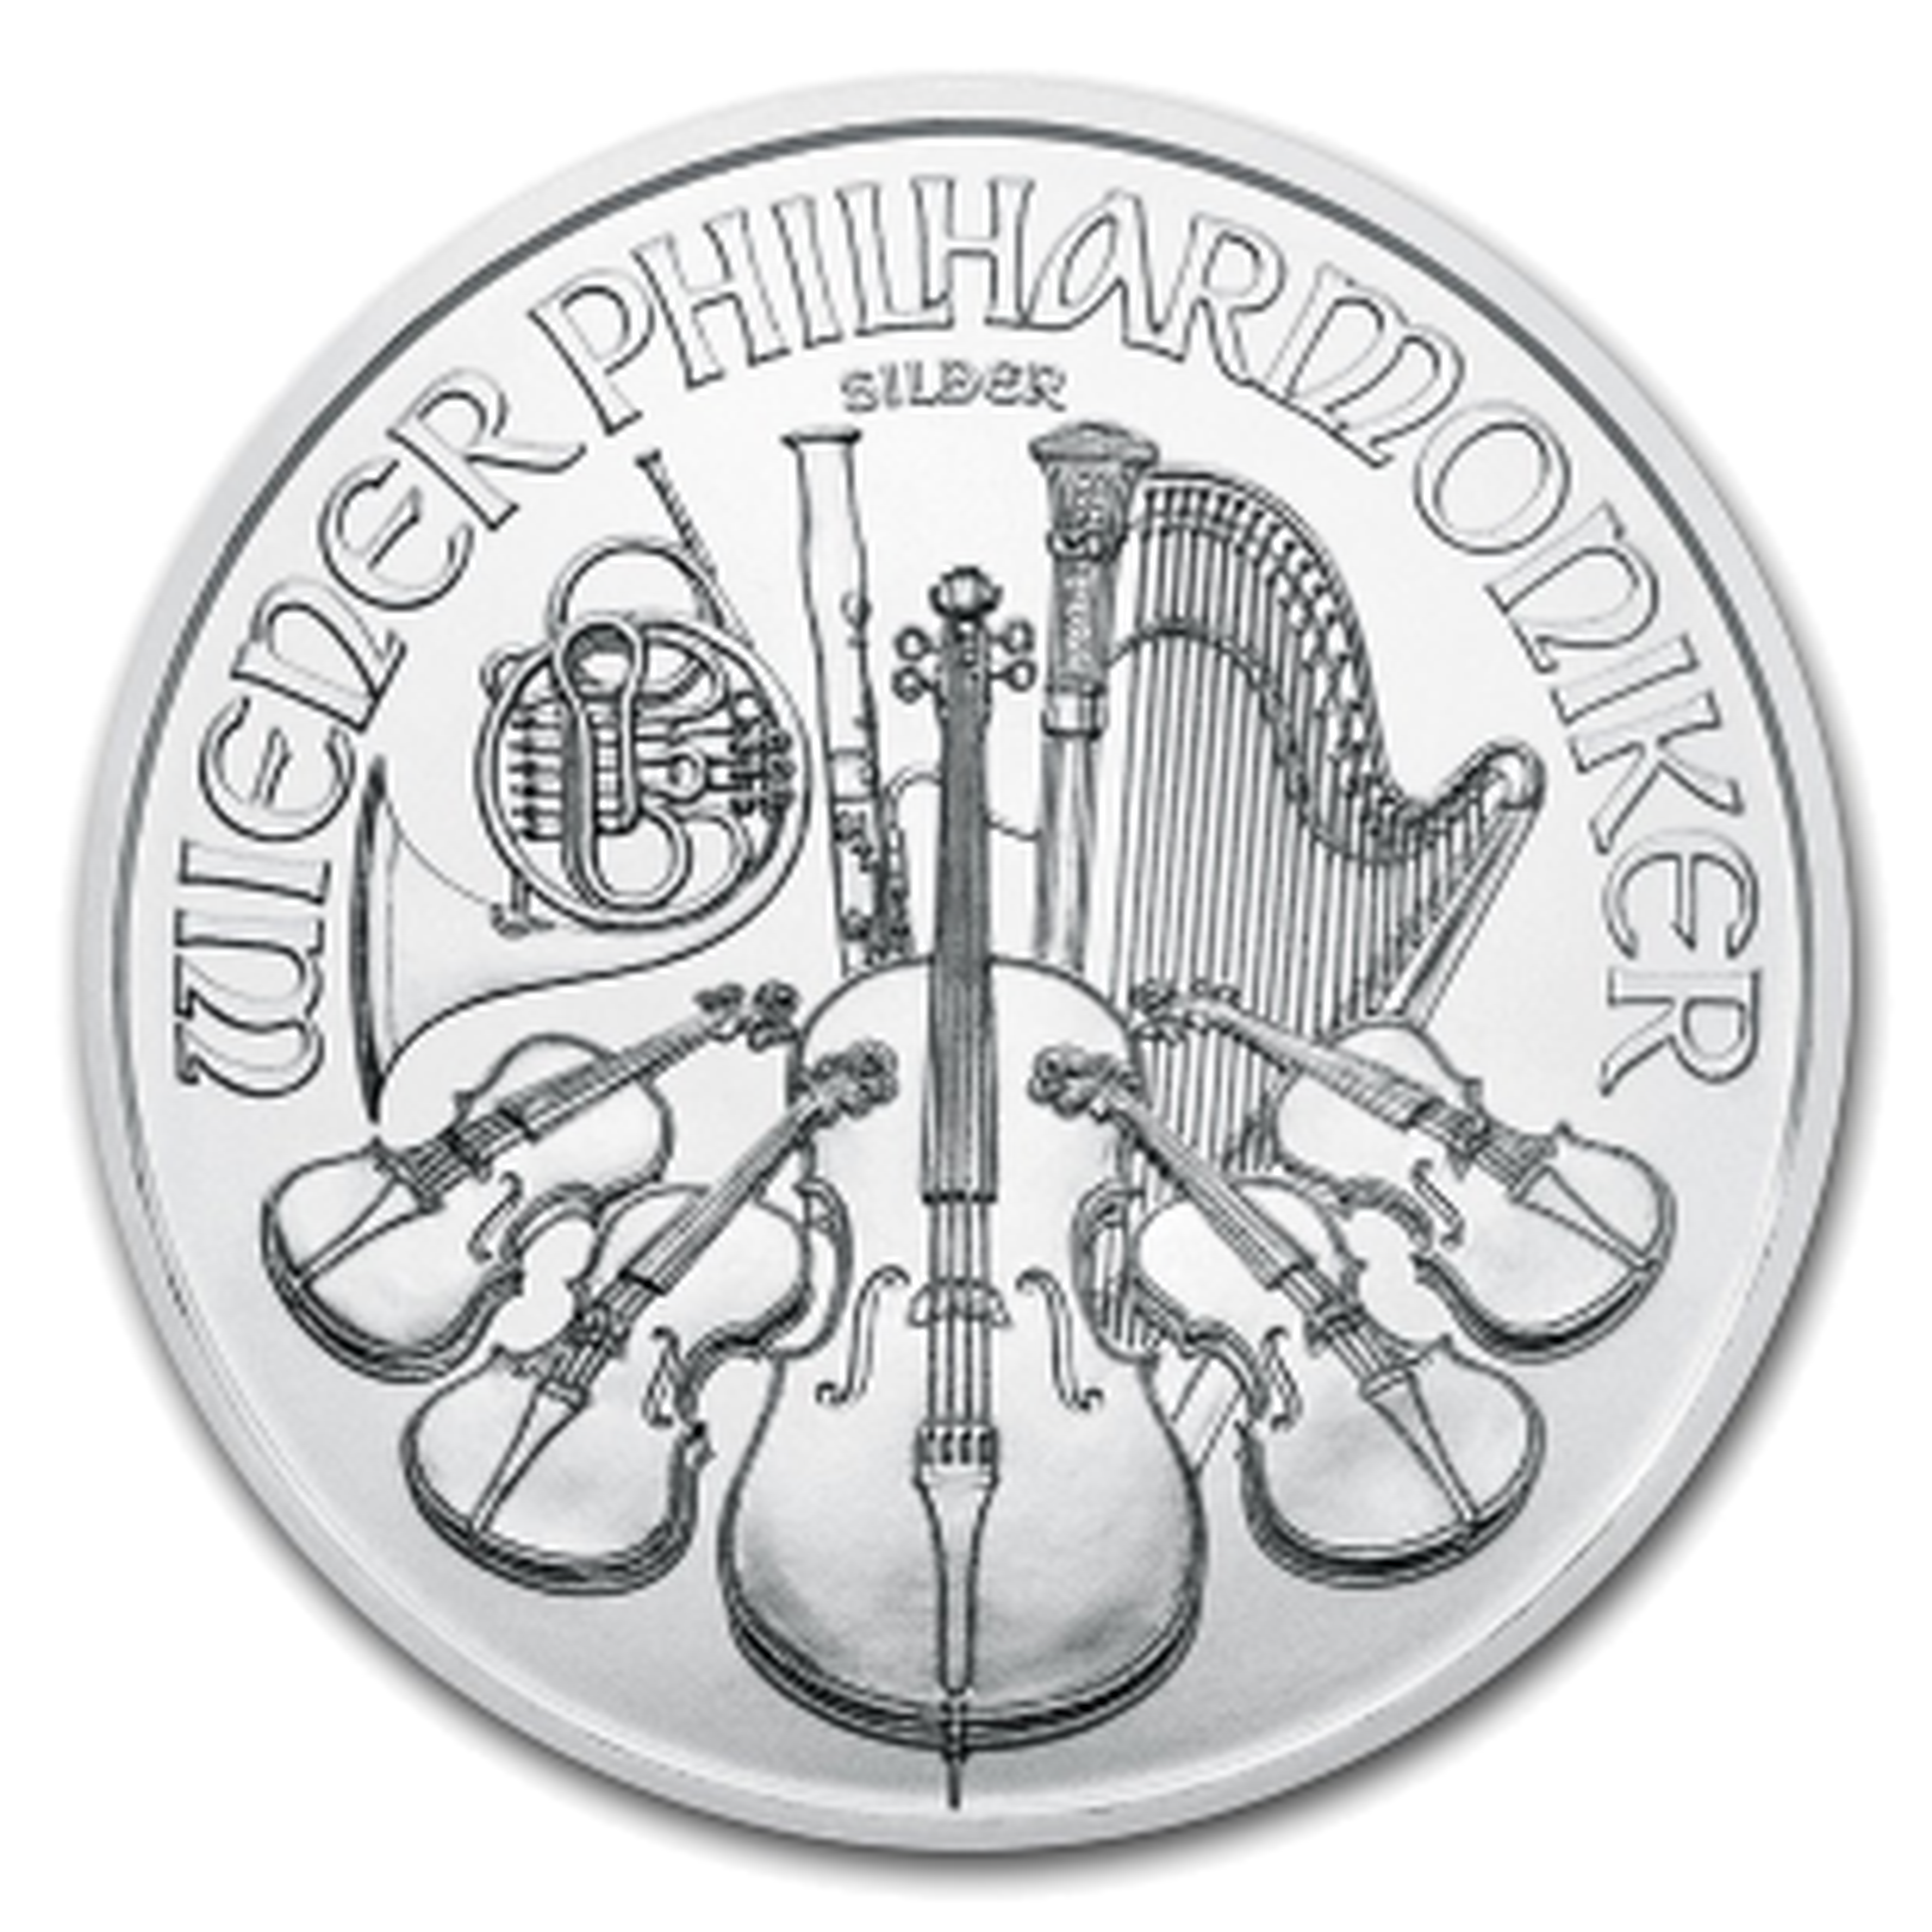 1 troy ounce zilveren munt Wiener Philharmoniker munt 2021